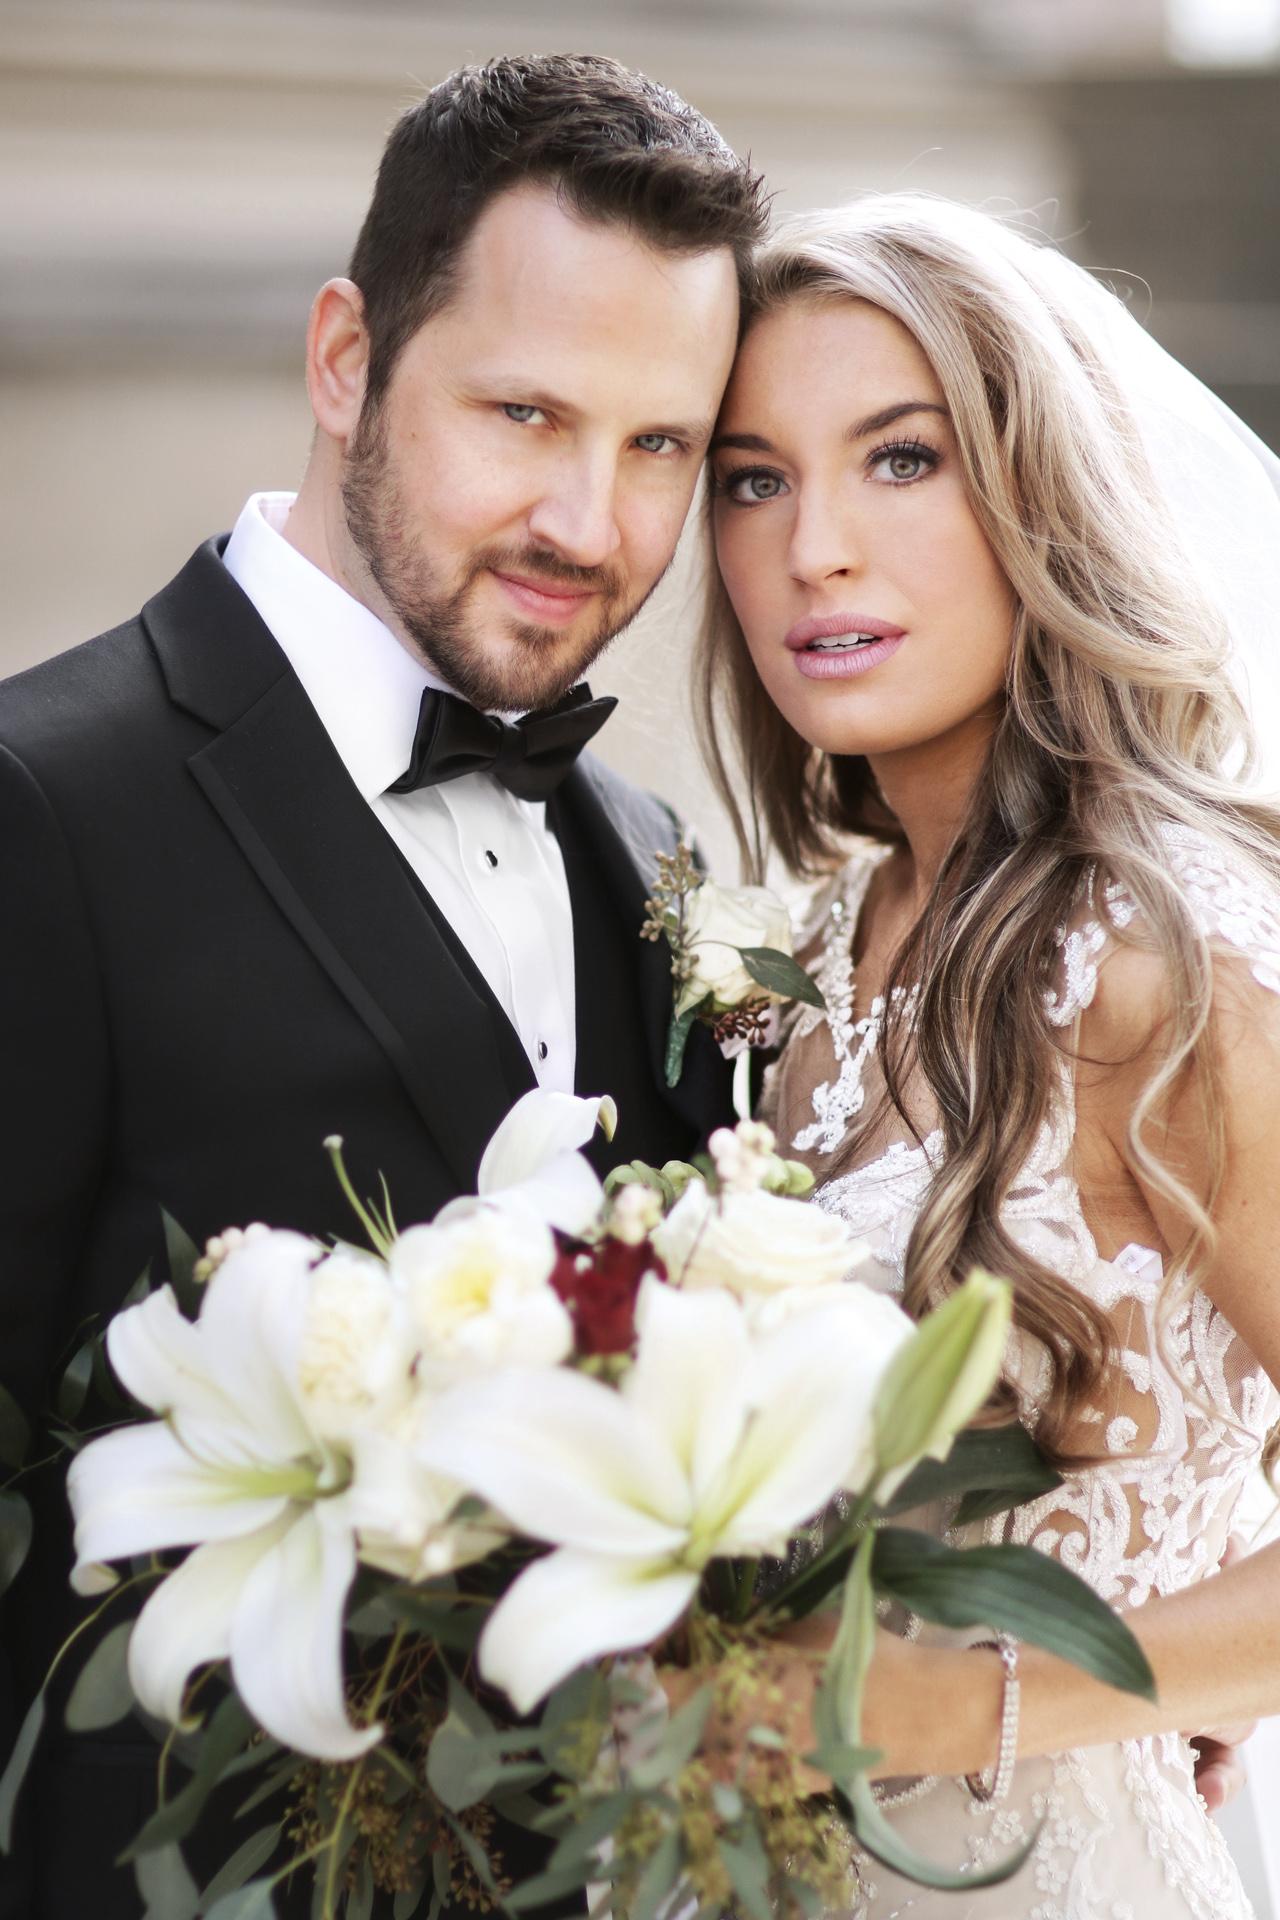 beautiful newlyweds in pittsburgh pa